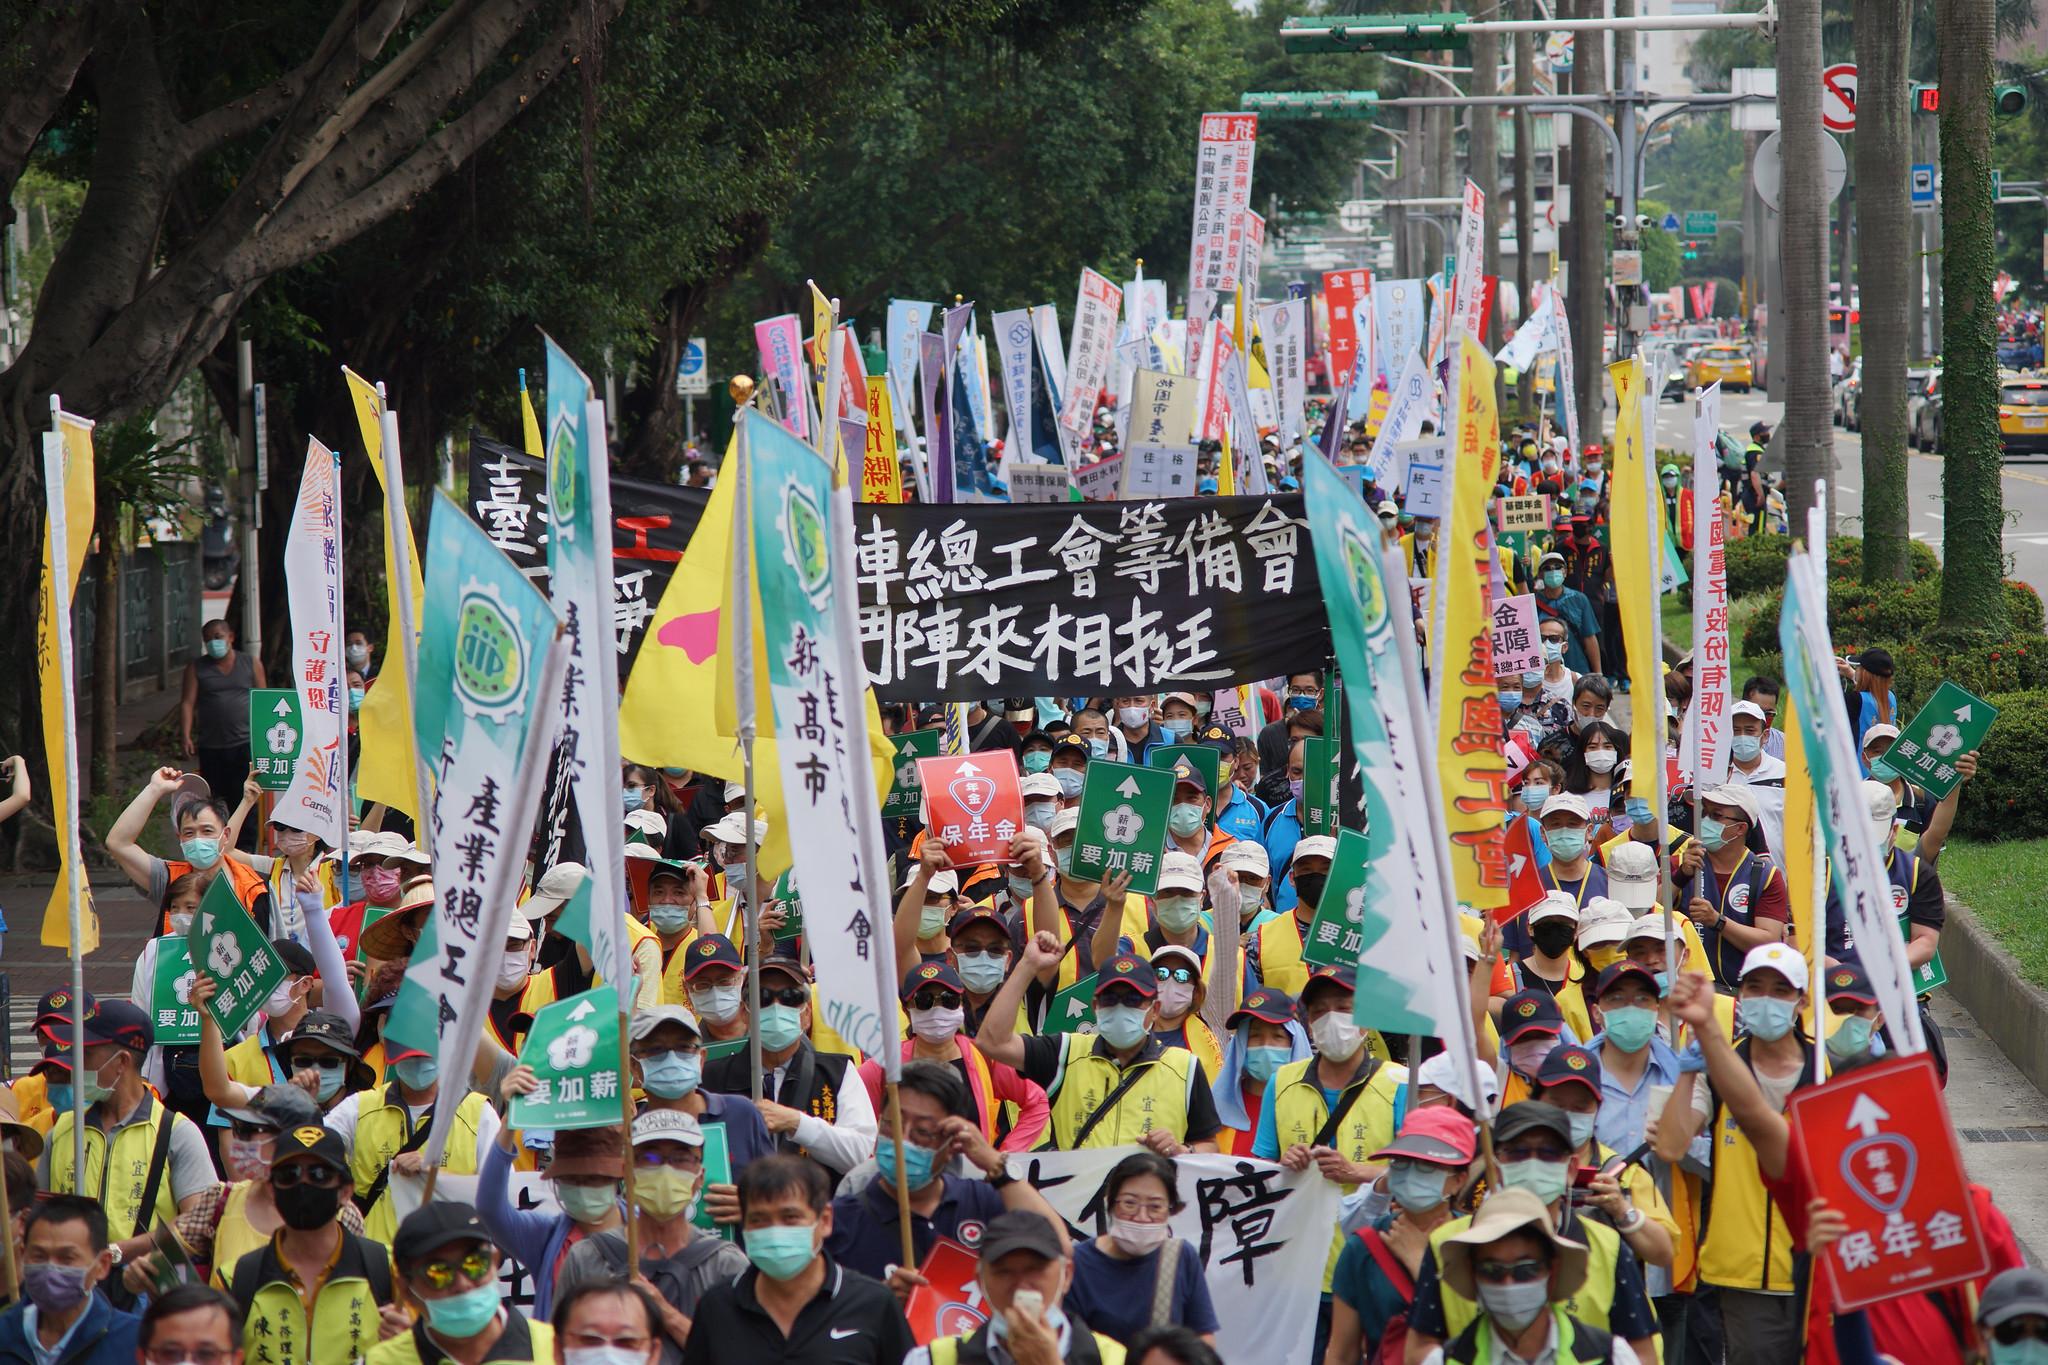 各工會熱情響應五一,參與人數超過三千人,全程配戴口罩遵守防疫規定。(攝影:王顥中)